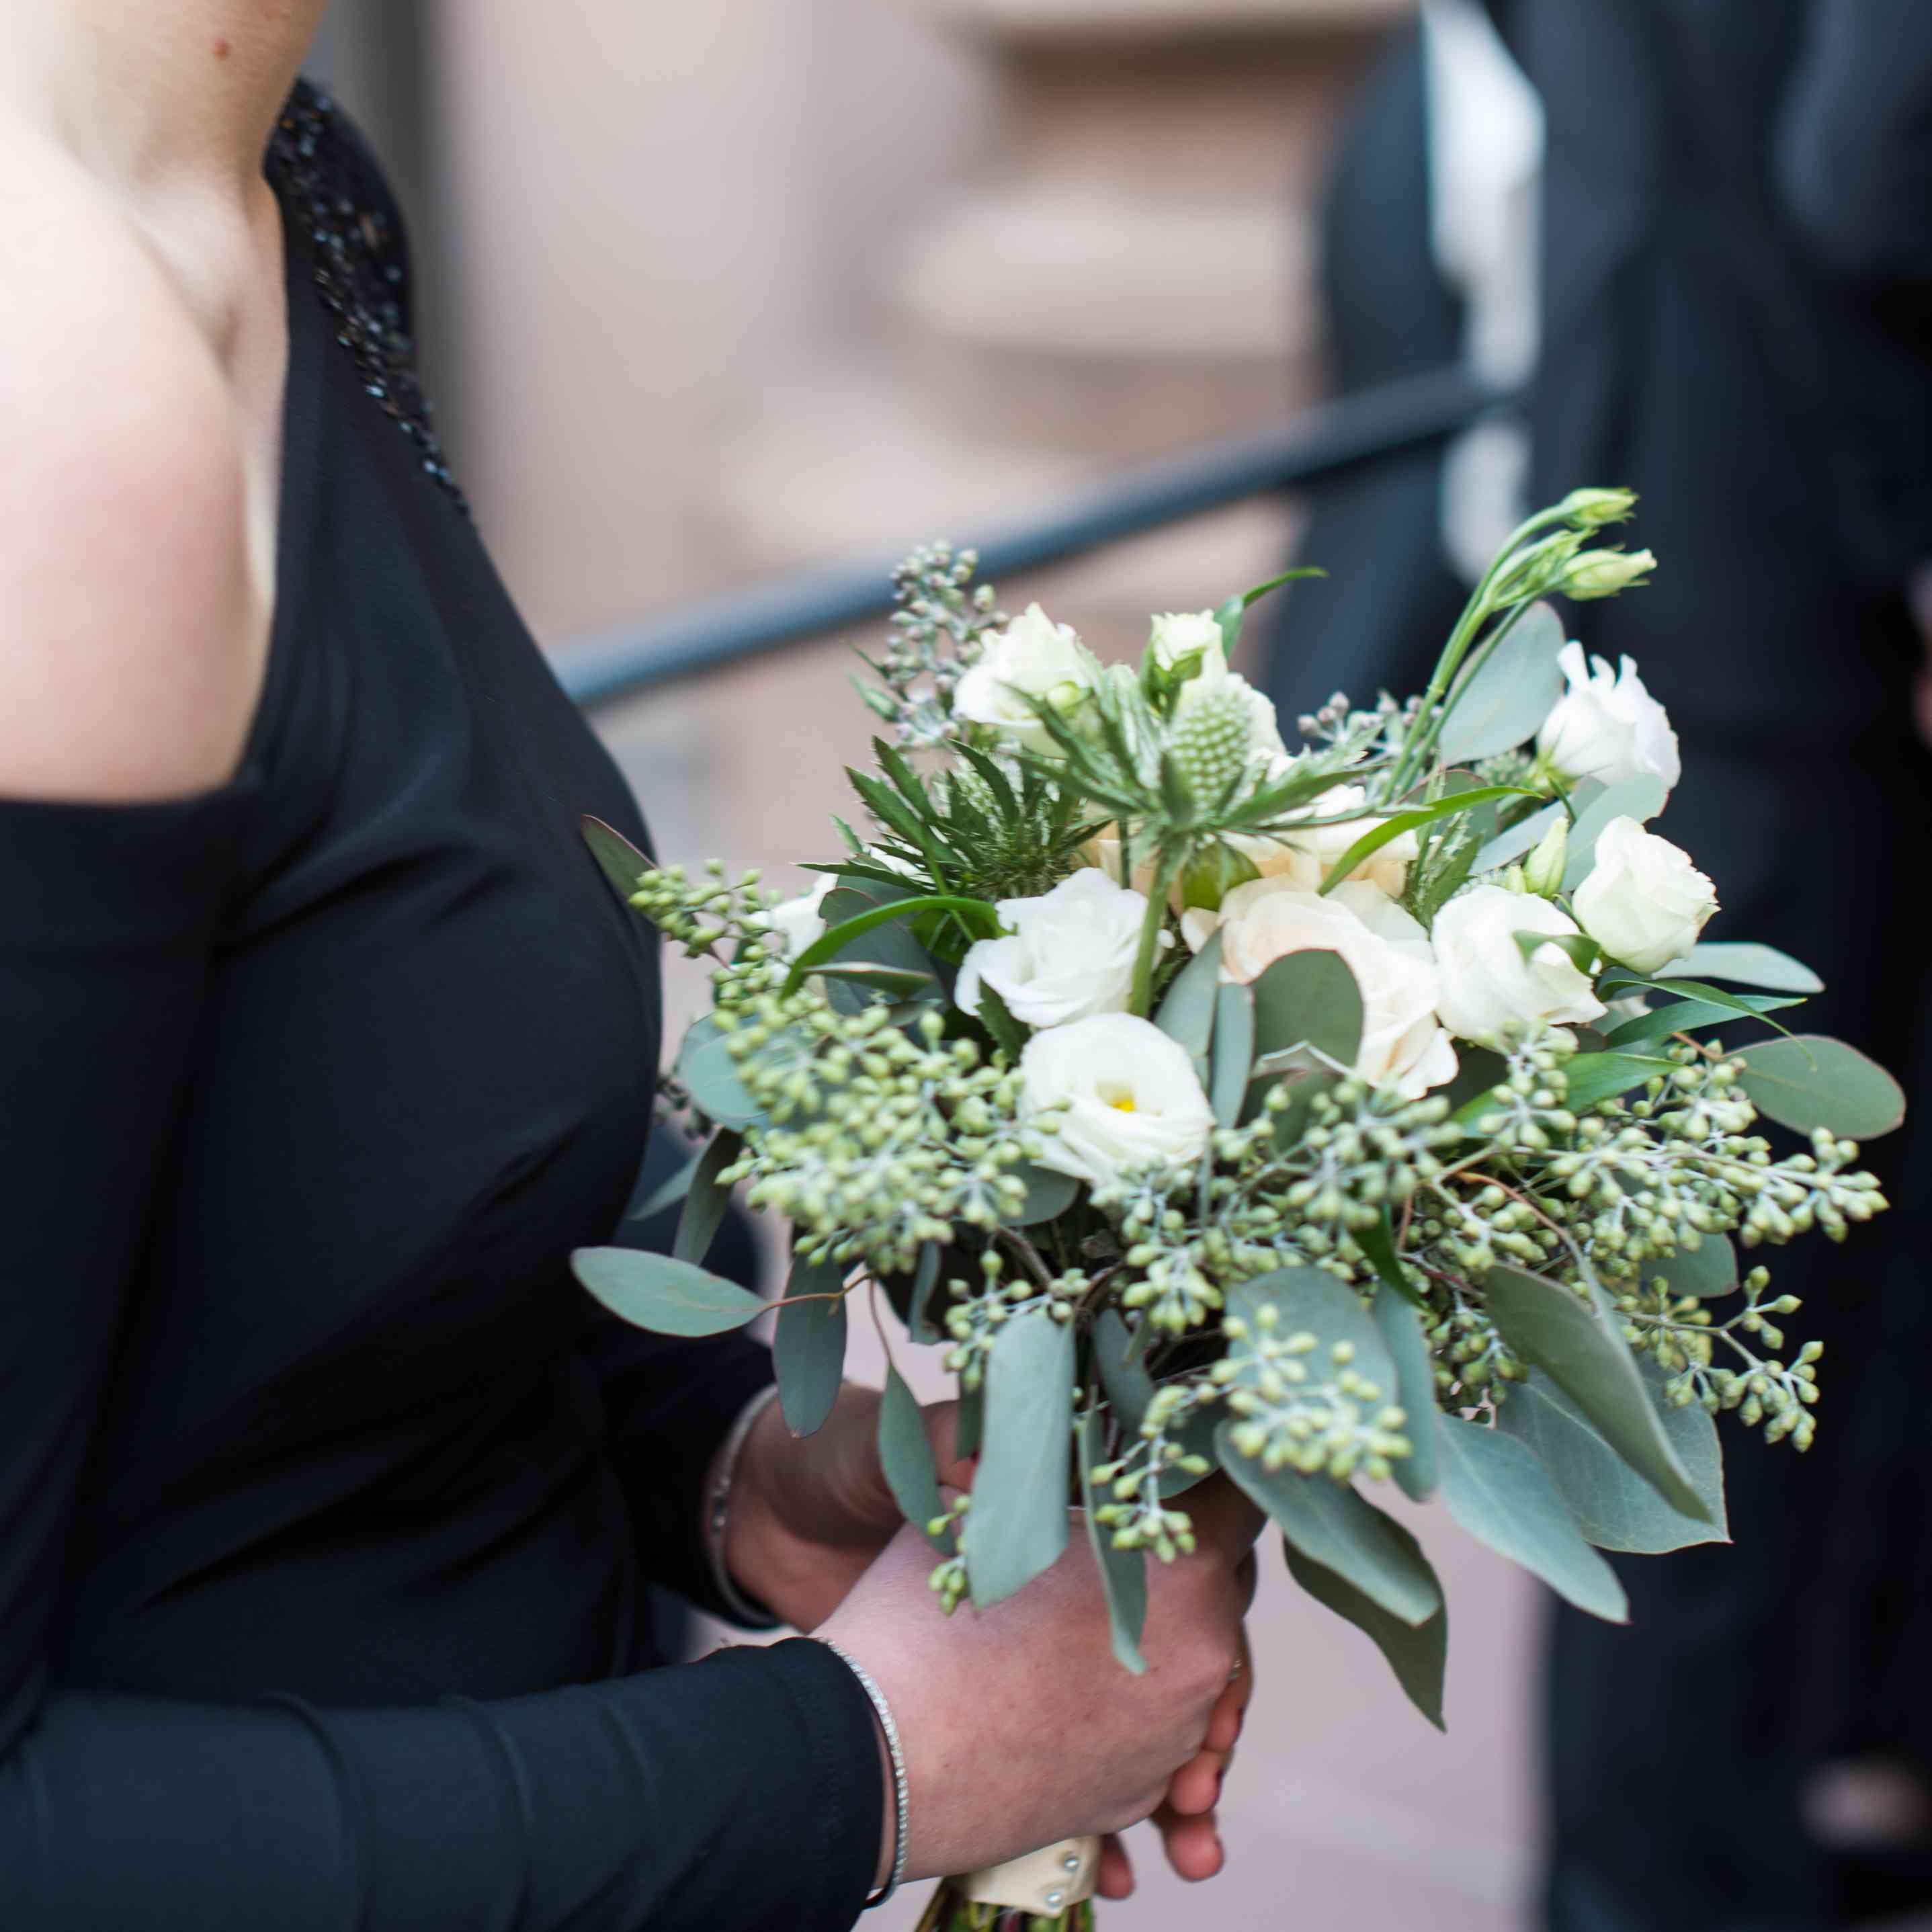 <p>bouquet</p><br><br>